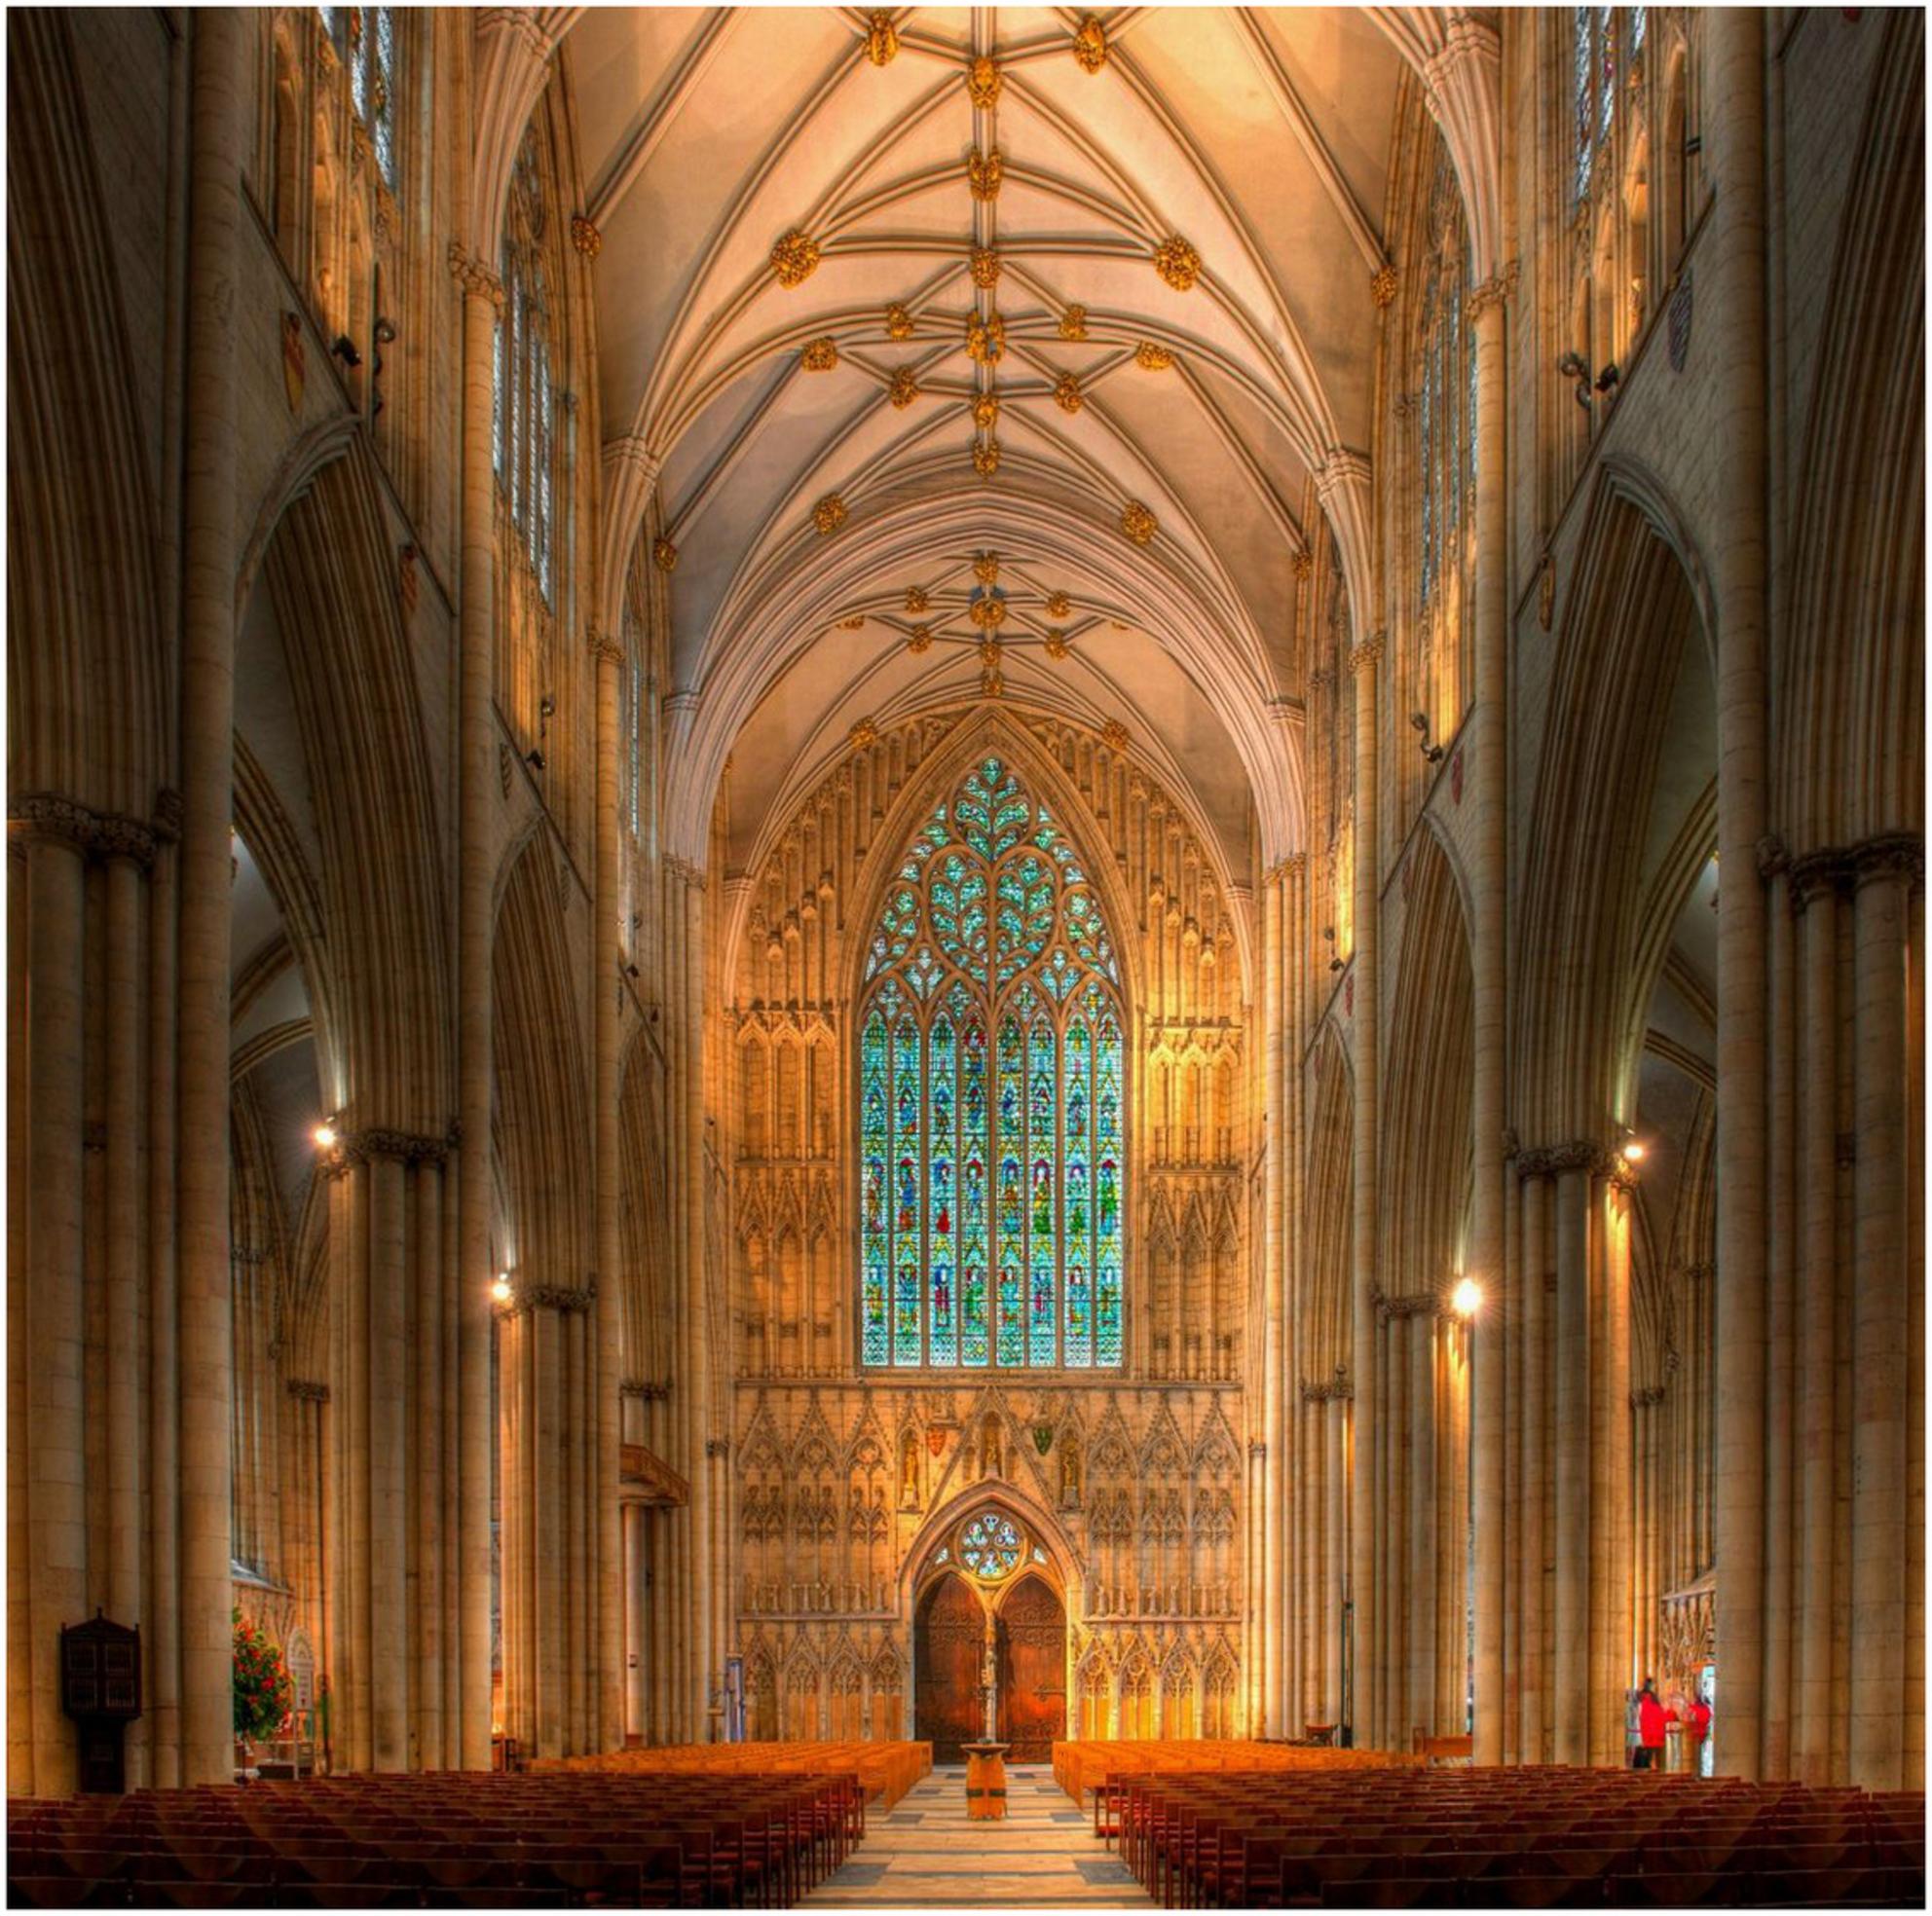 HDR Minster of York - De laatste HDR (5 foto's) van de Minster in York.bekijk hem in het groot. - foto door bally3 op 04-10-2013 - deze foto bevat: york, kathedraal, hdr, uk, minster - Deze foto mag gebruikt worden in een Zoom.nl publicatie